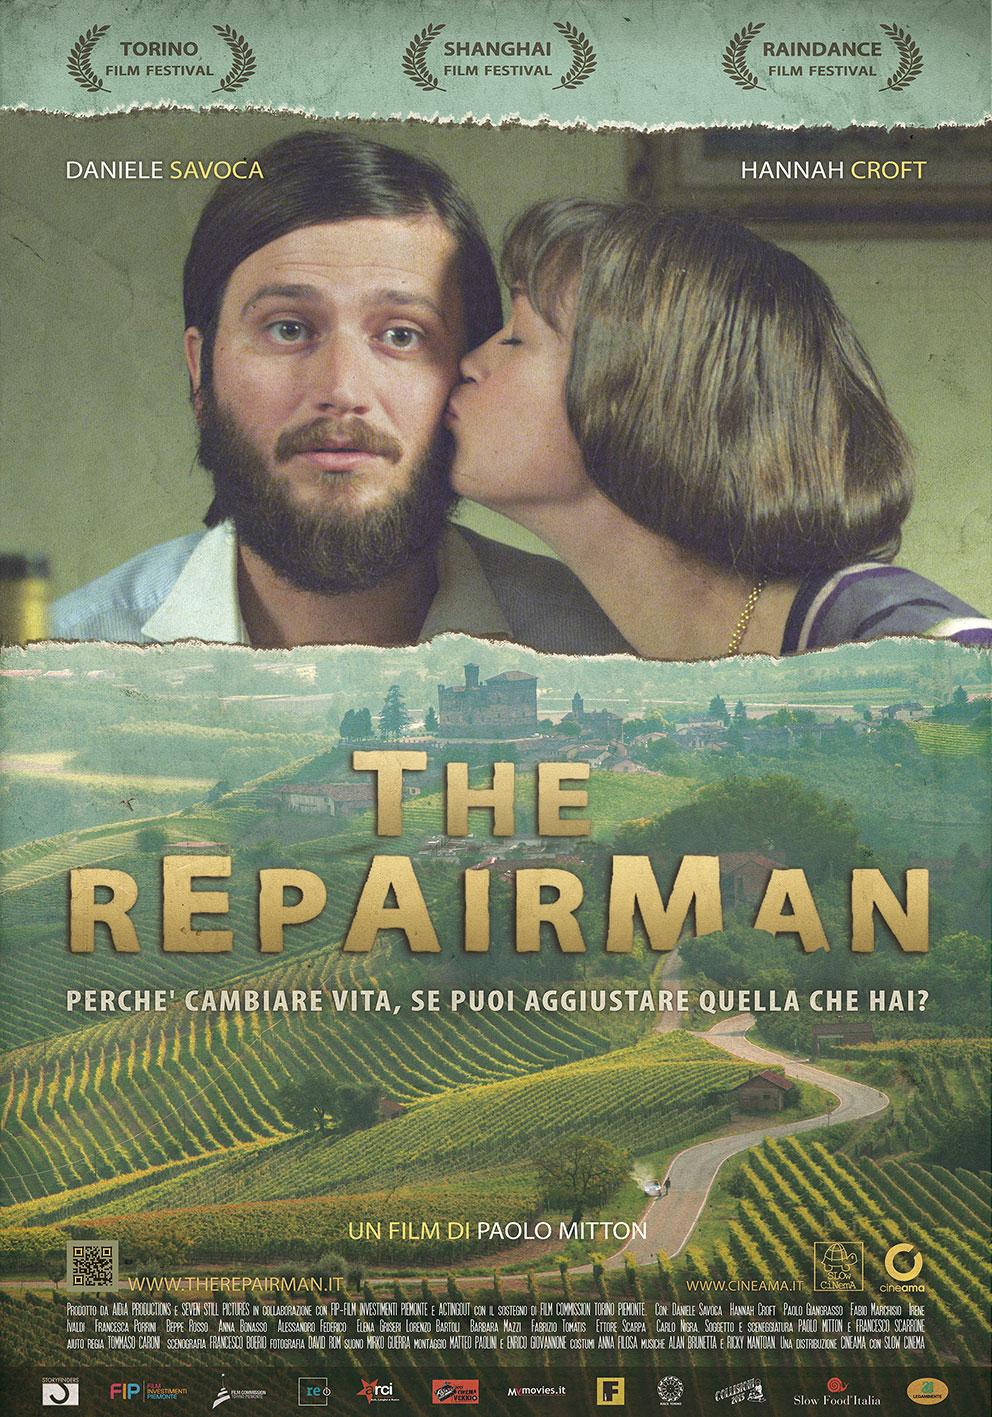 the-repairman-web-poster